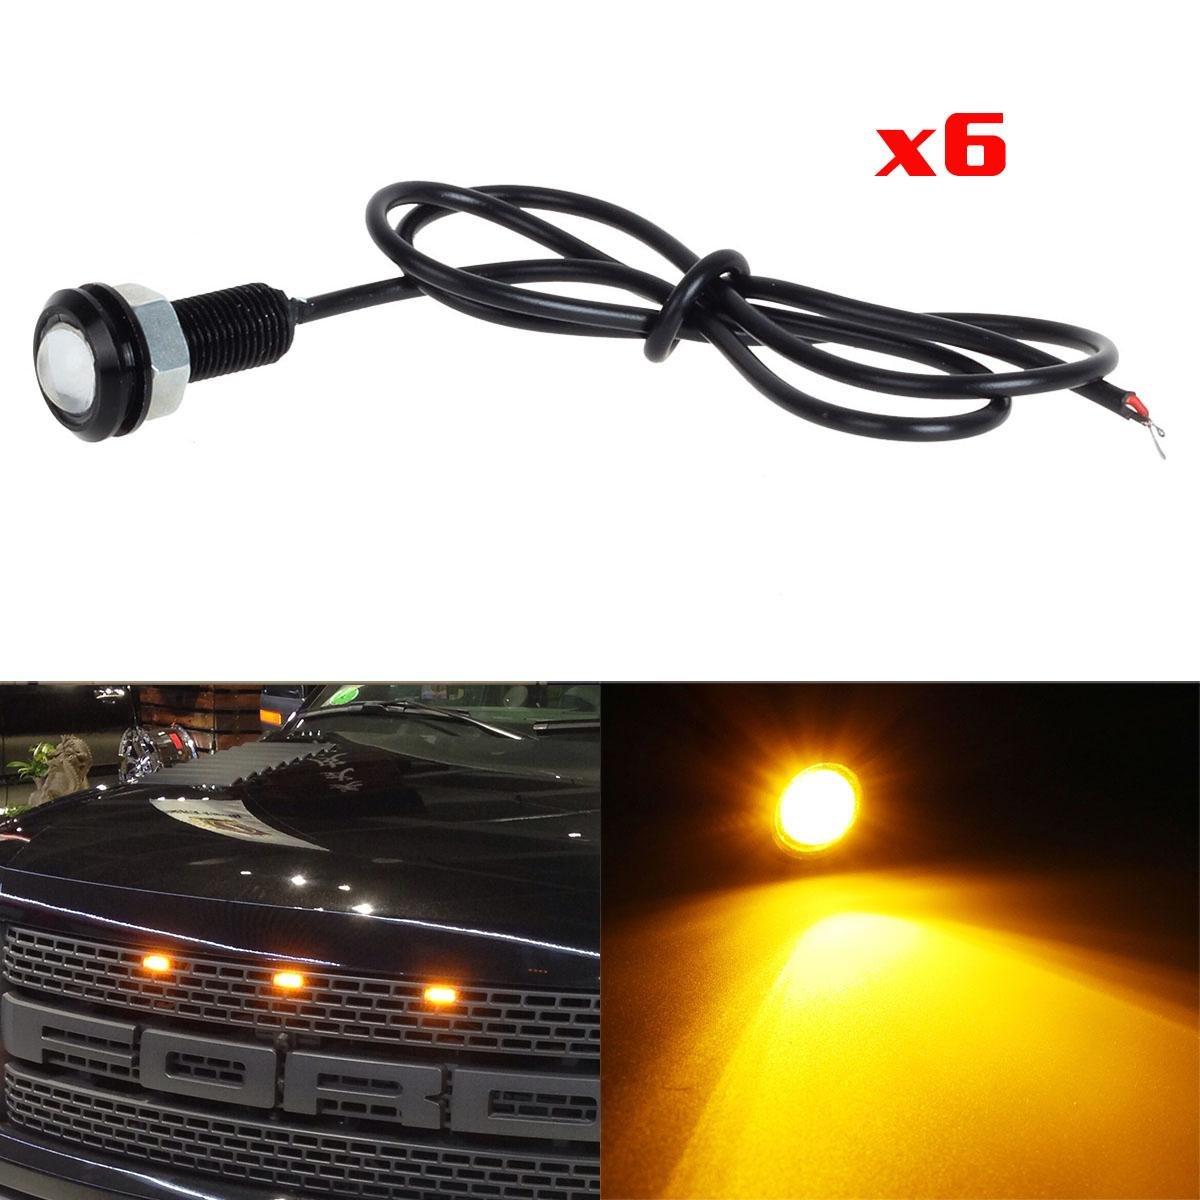 Partsam 6X 3000K Amber LED Eagle Eye Lights Front Grille Lighting Kit/License Plate Lights DIY Wiring Lamps (Pack of 6pcs)